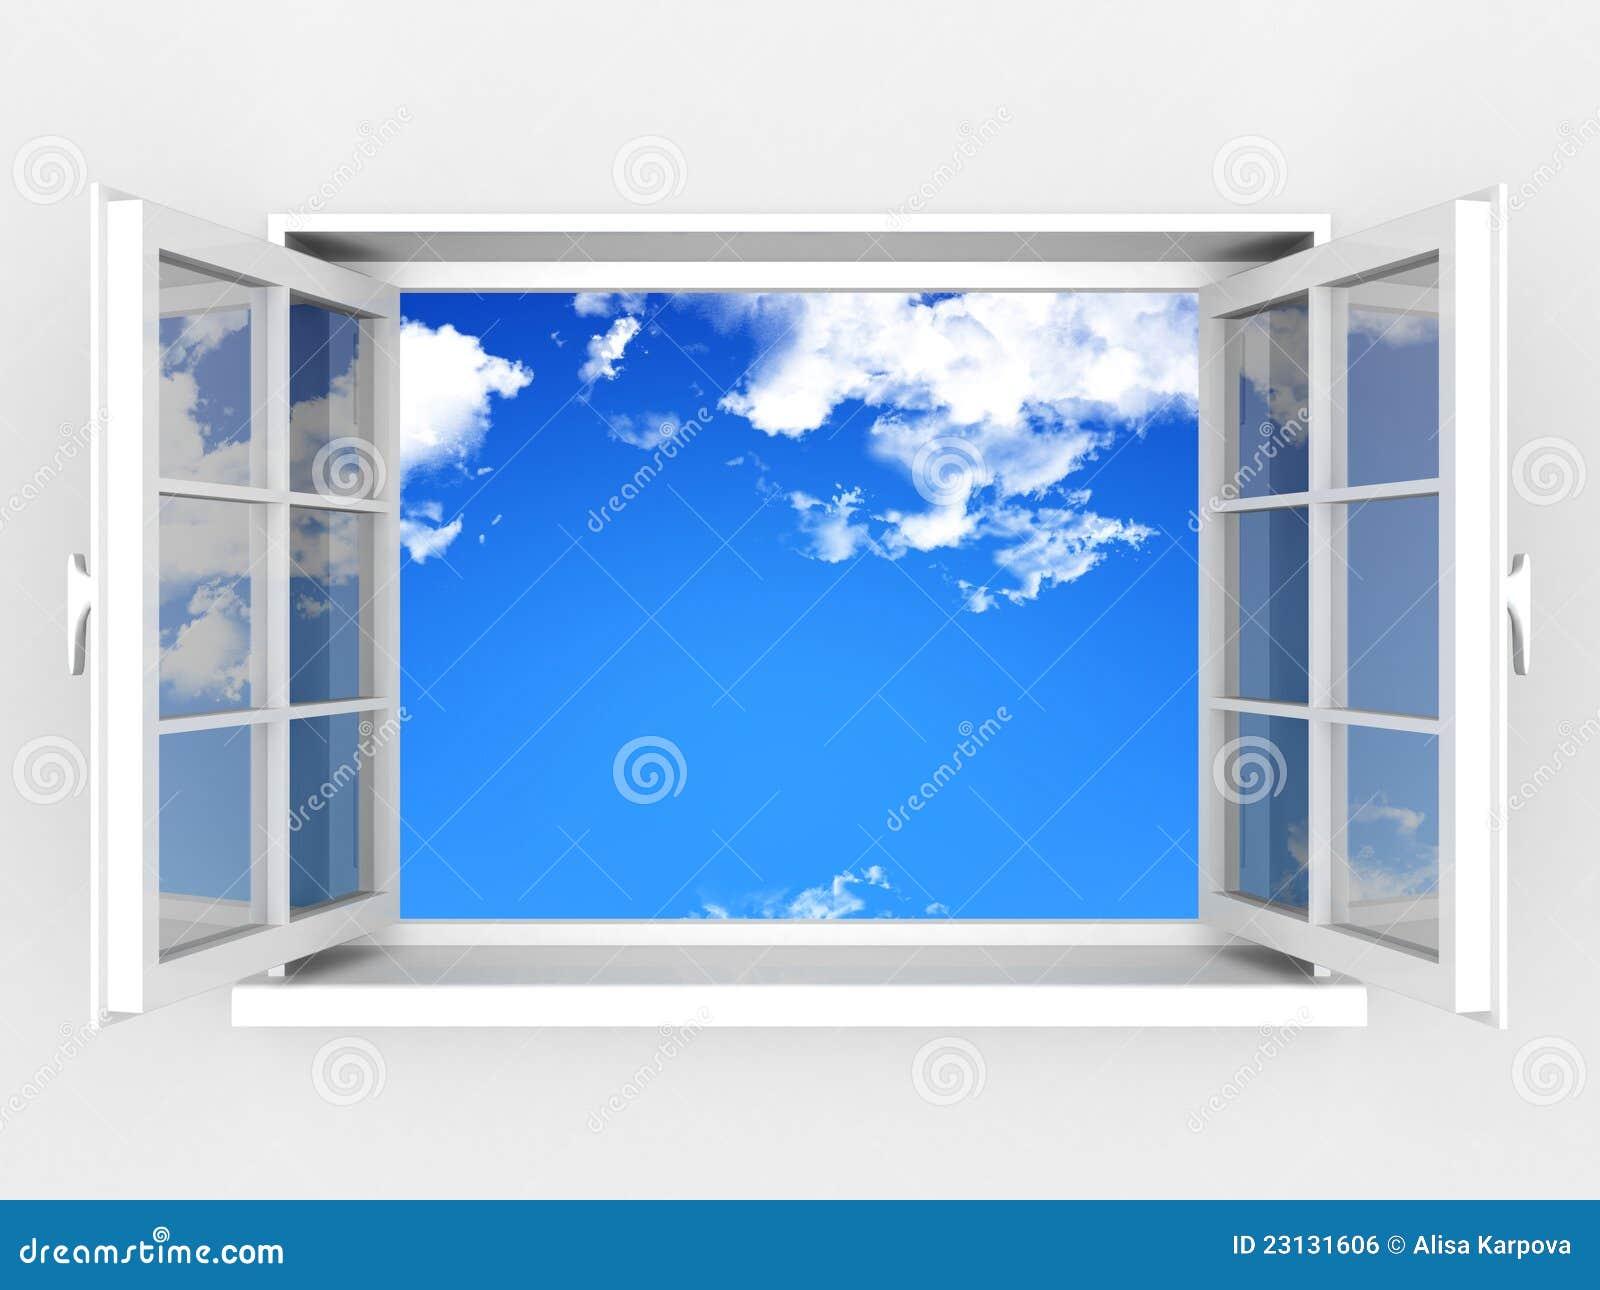 Geöffnetes Fenster gegen eine weiße Wand und einen bewölkten Himmel